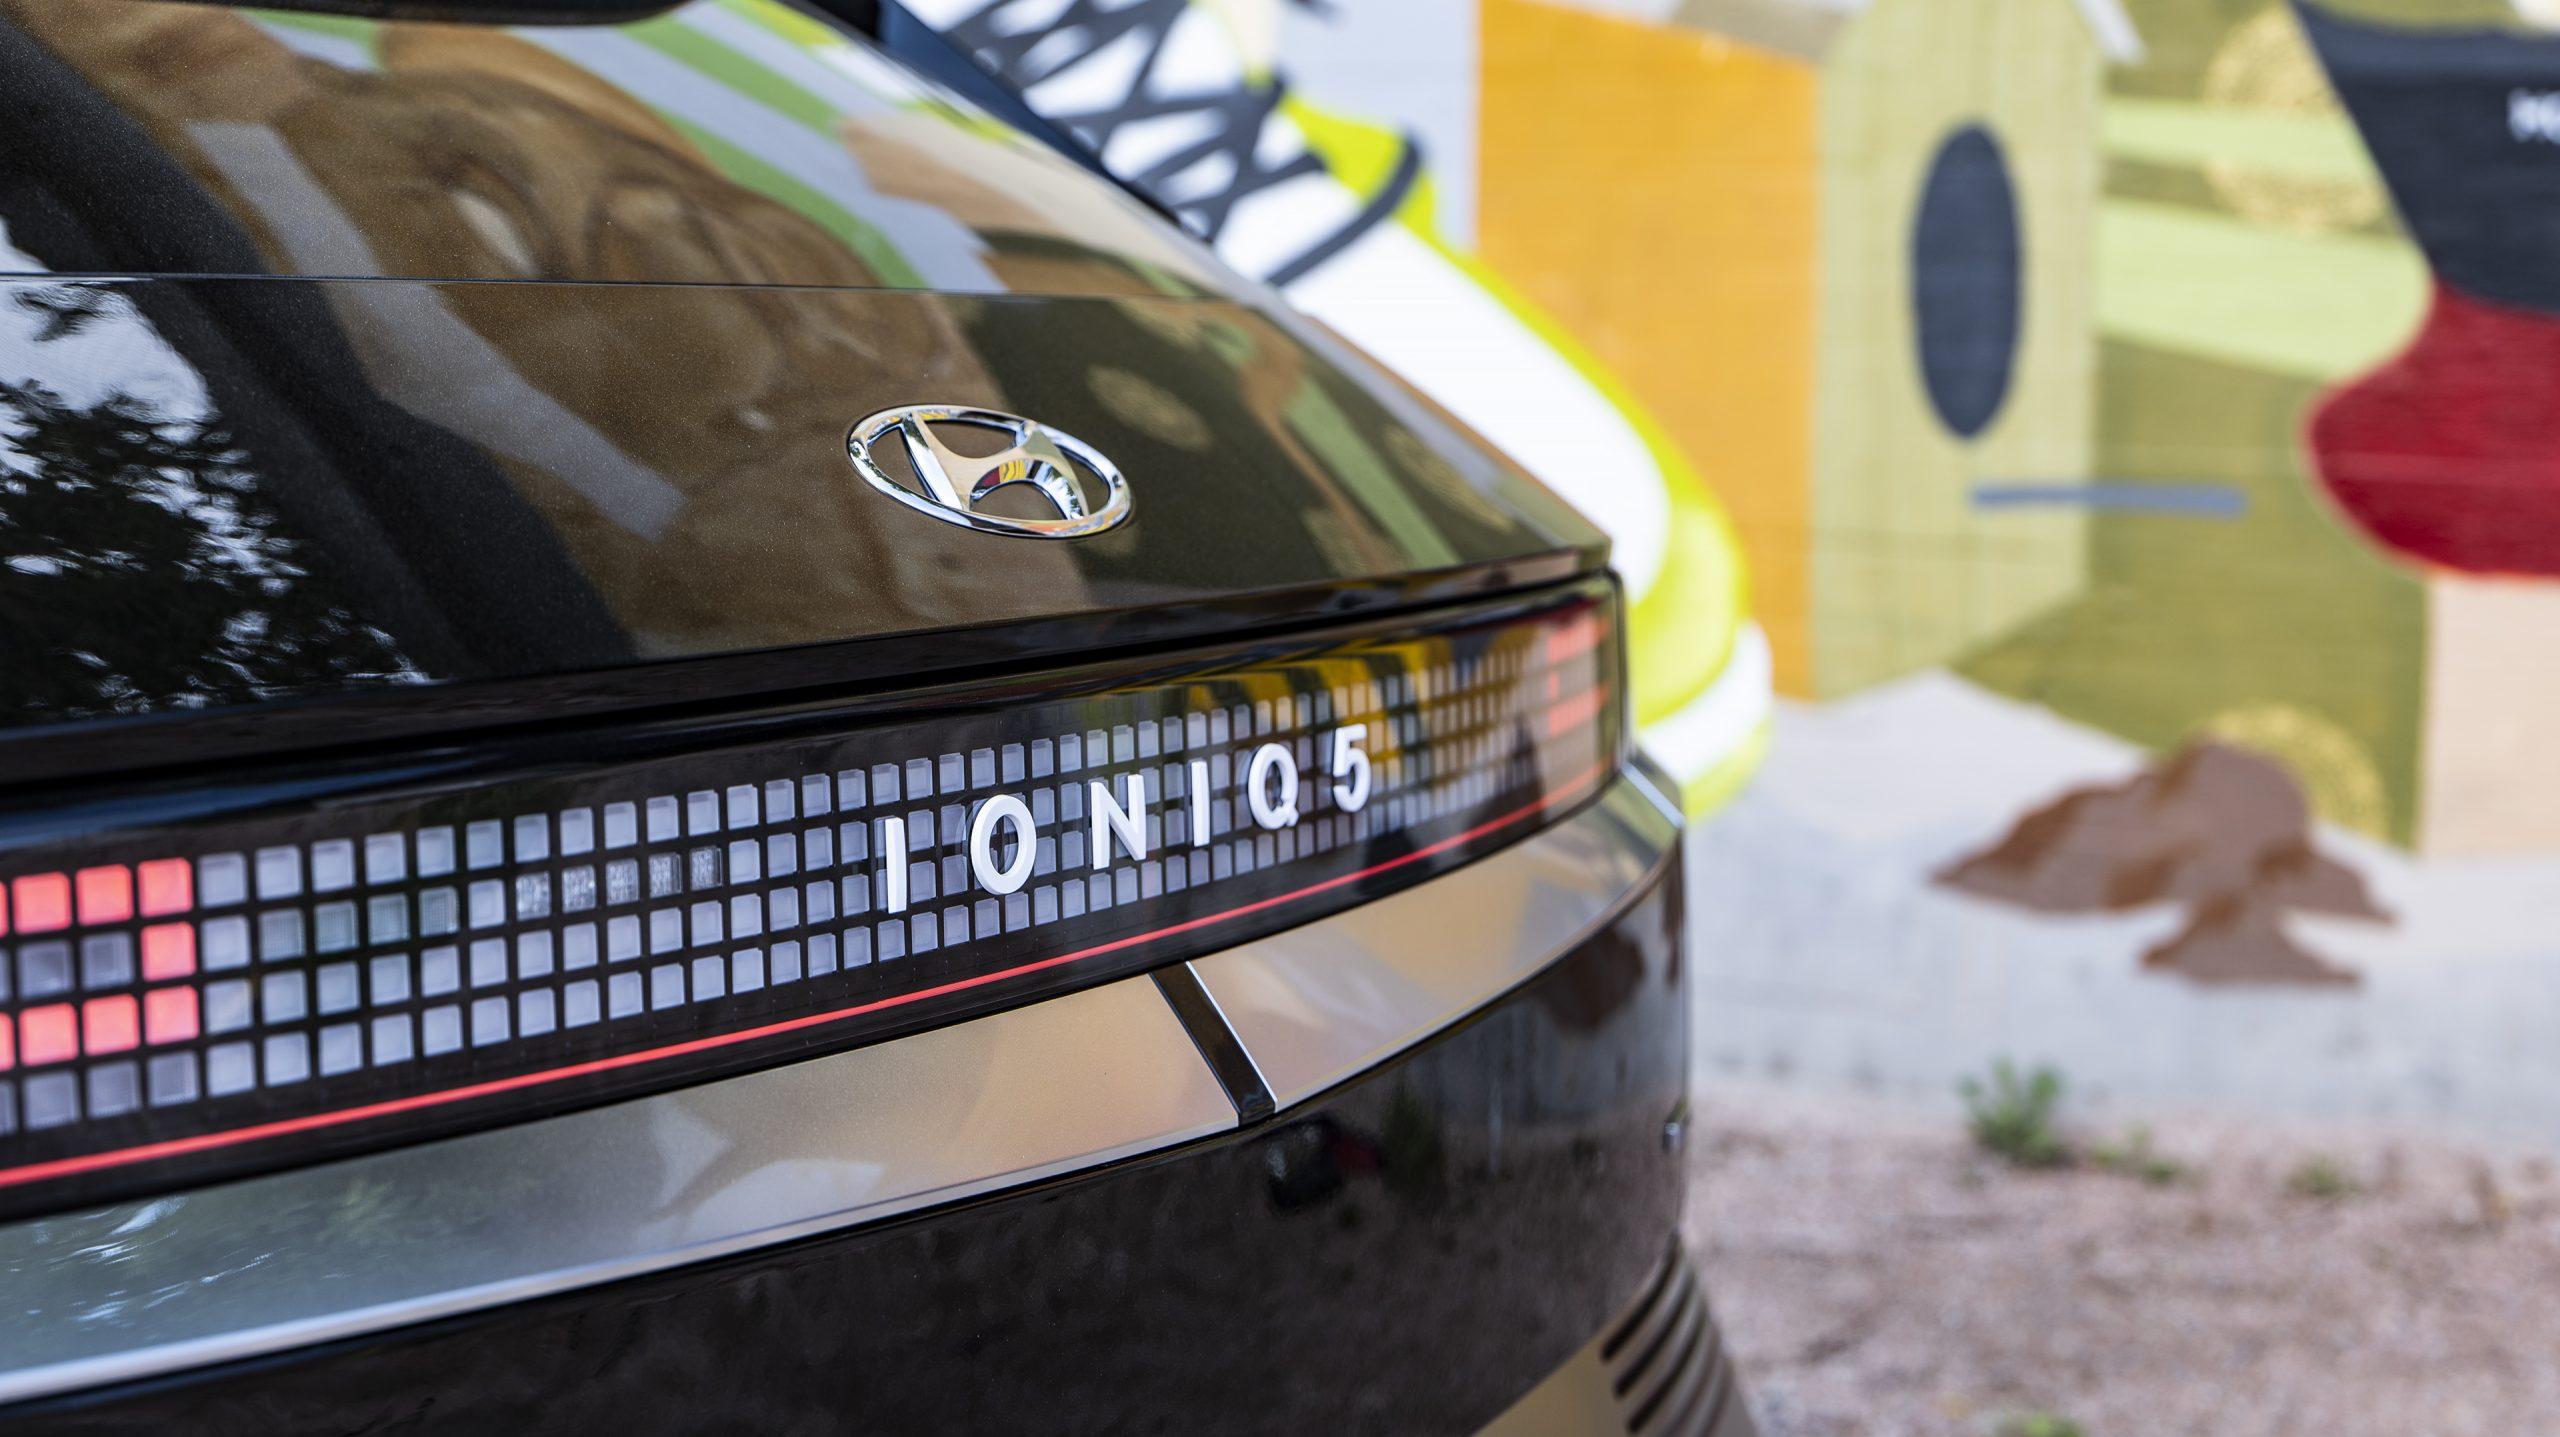 Hyundai IONIQ5 Rear Closeup